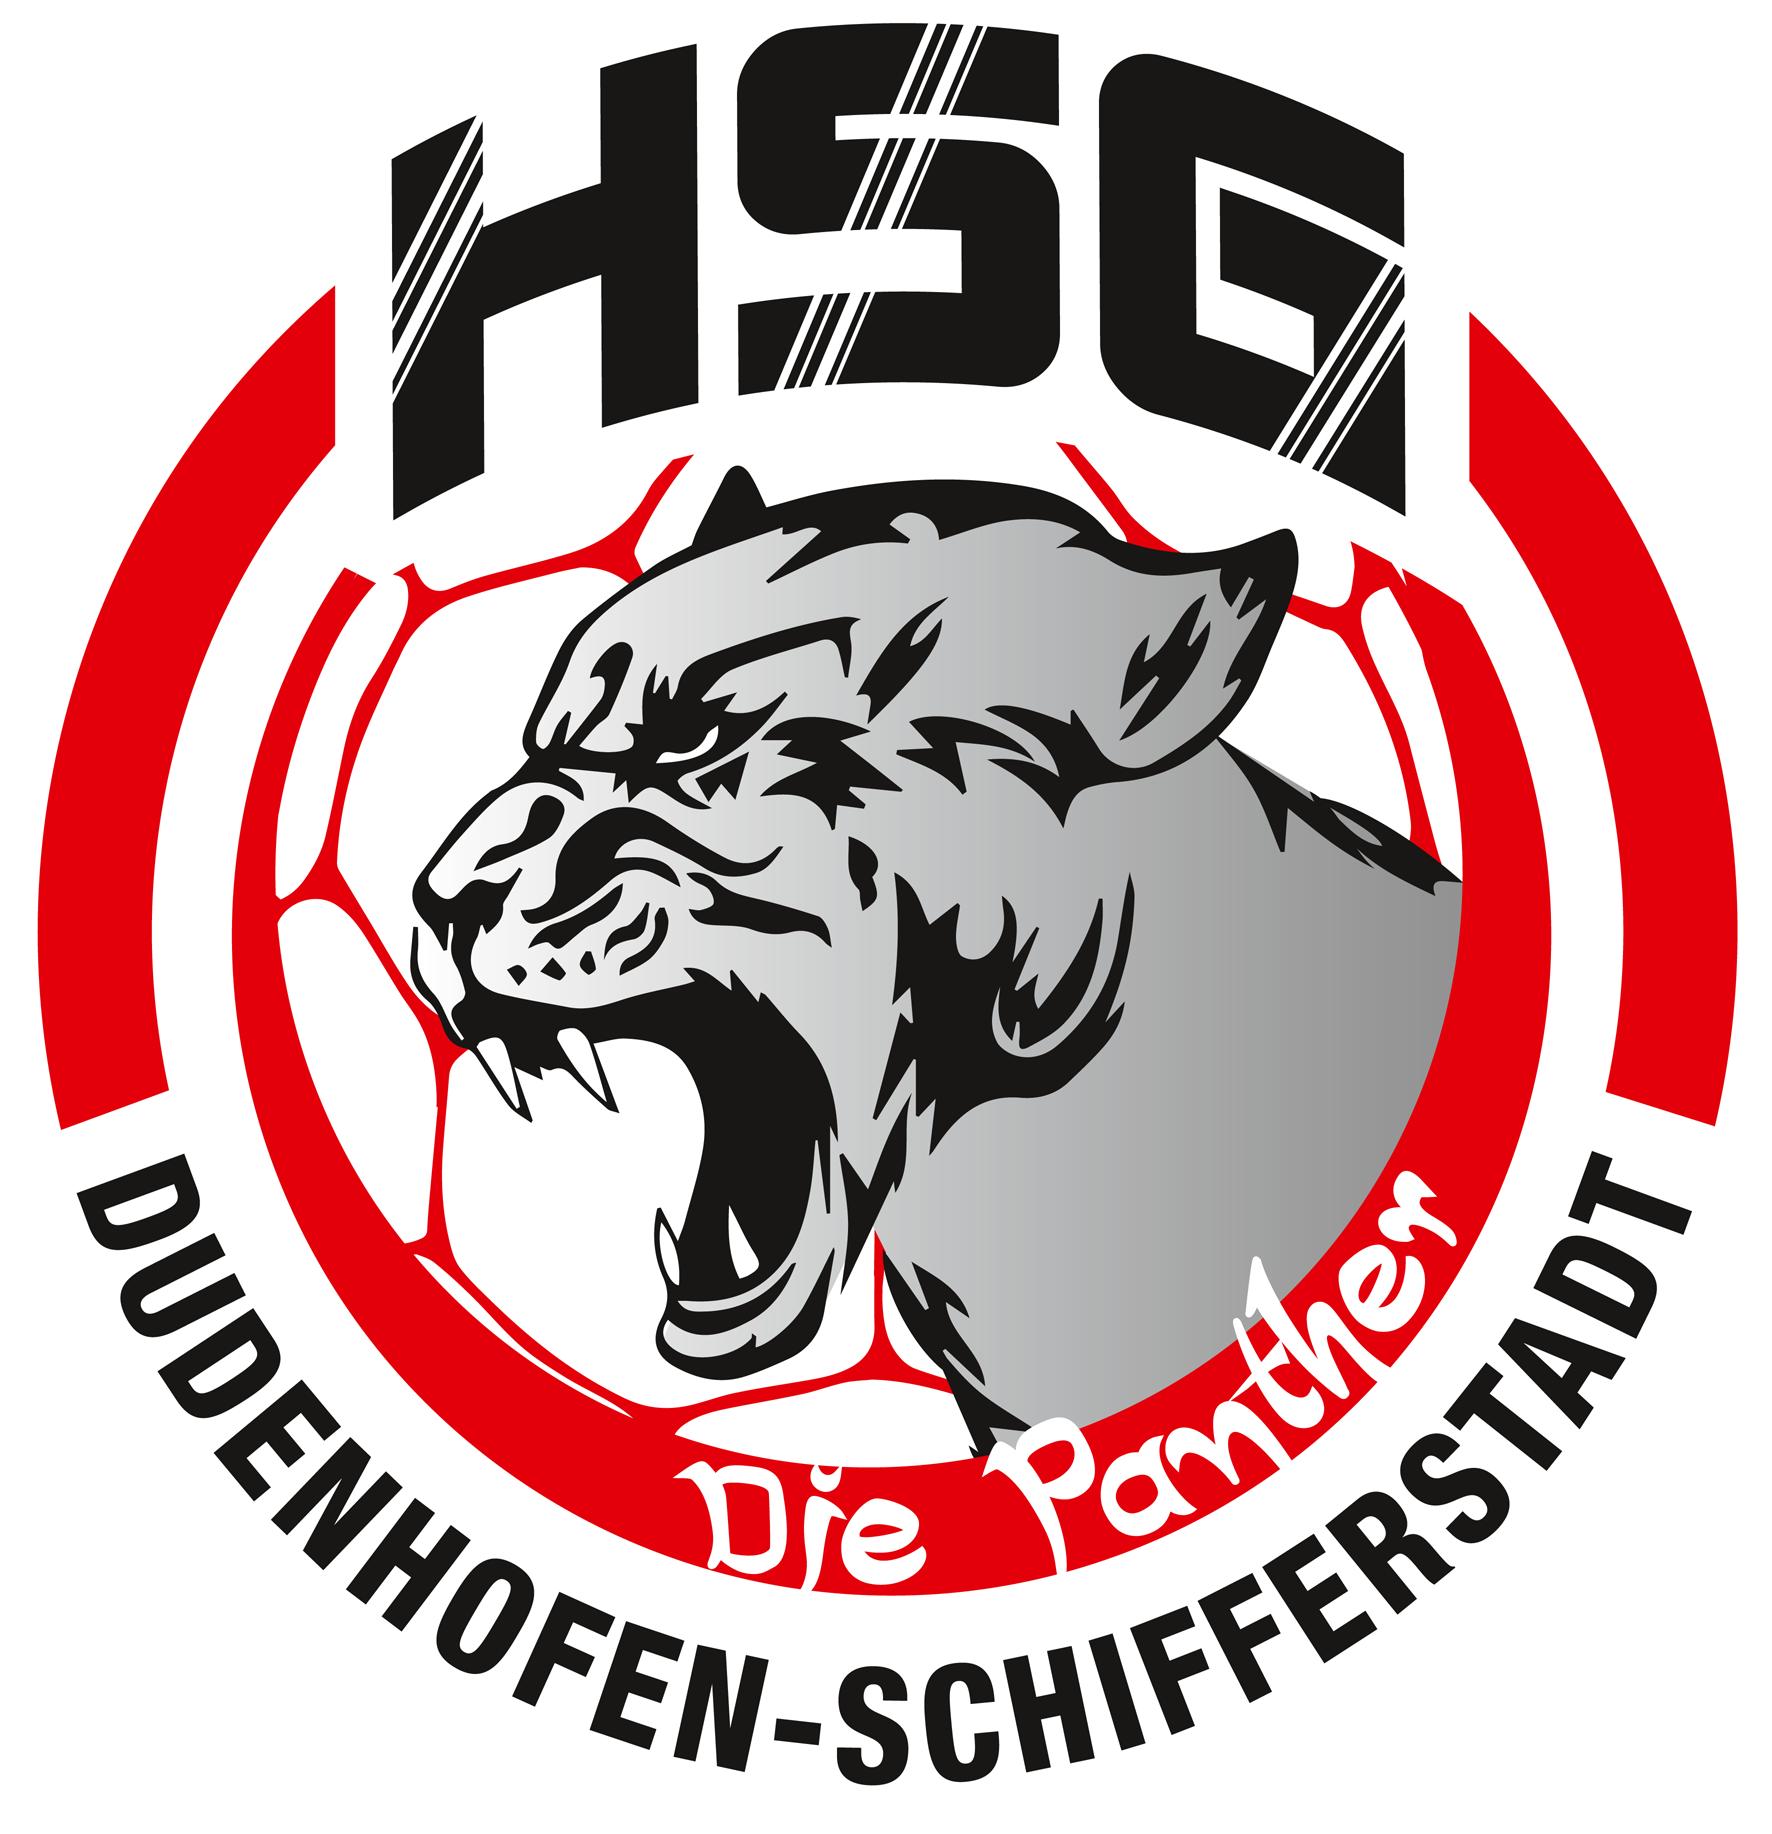 HSG Dudenhofen-Schifferstadt